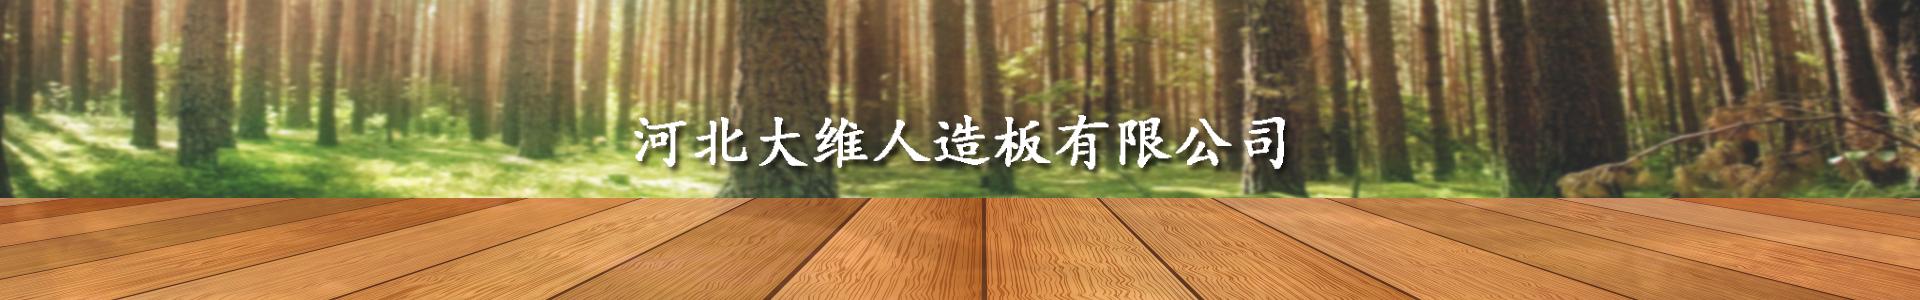 生态板厂家,生态板十大品牌,河北大维人造板有限公司